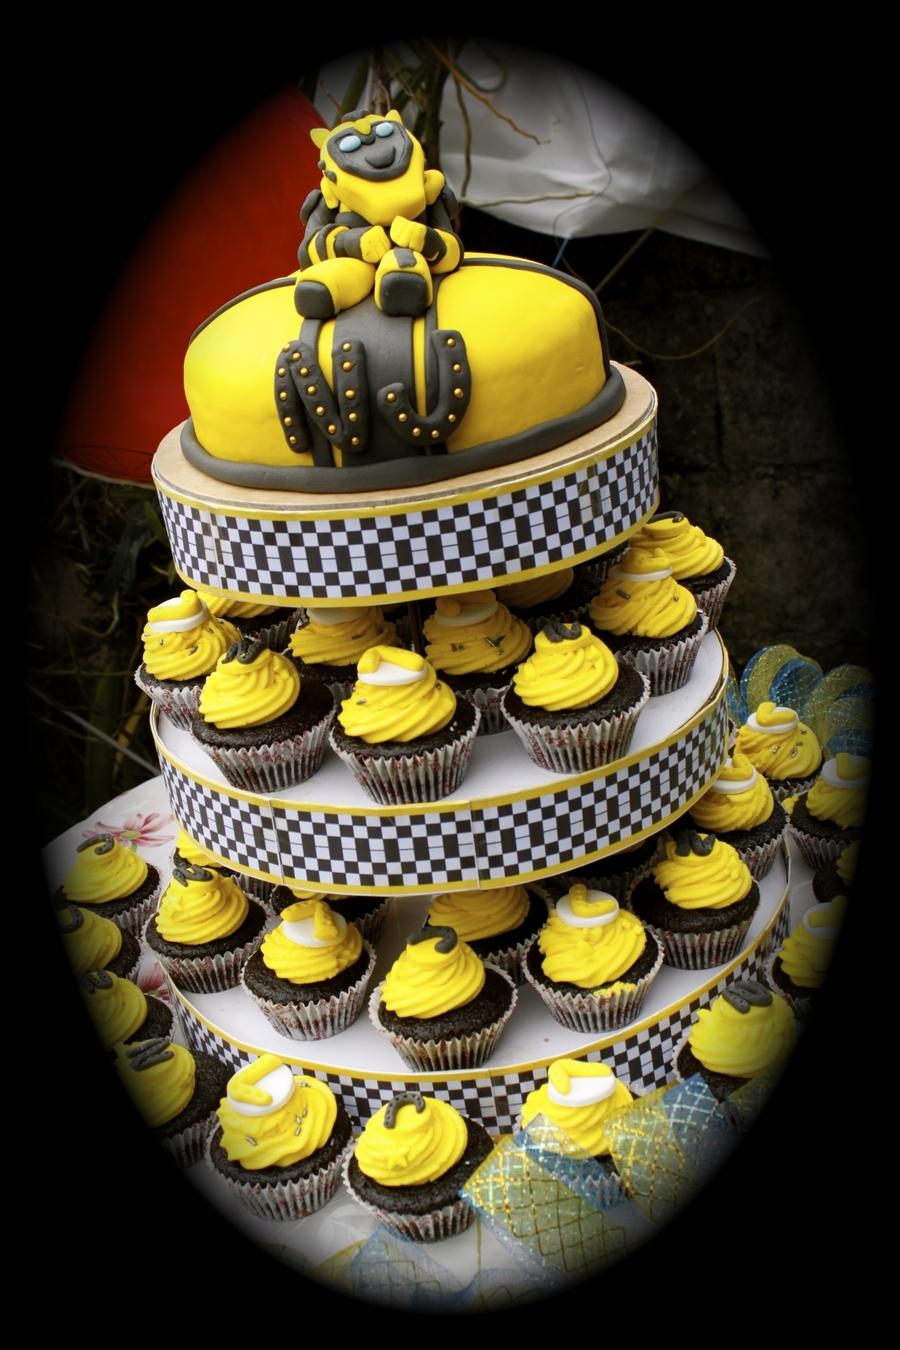 Bumblebee Transformer Cake Images